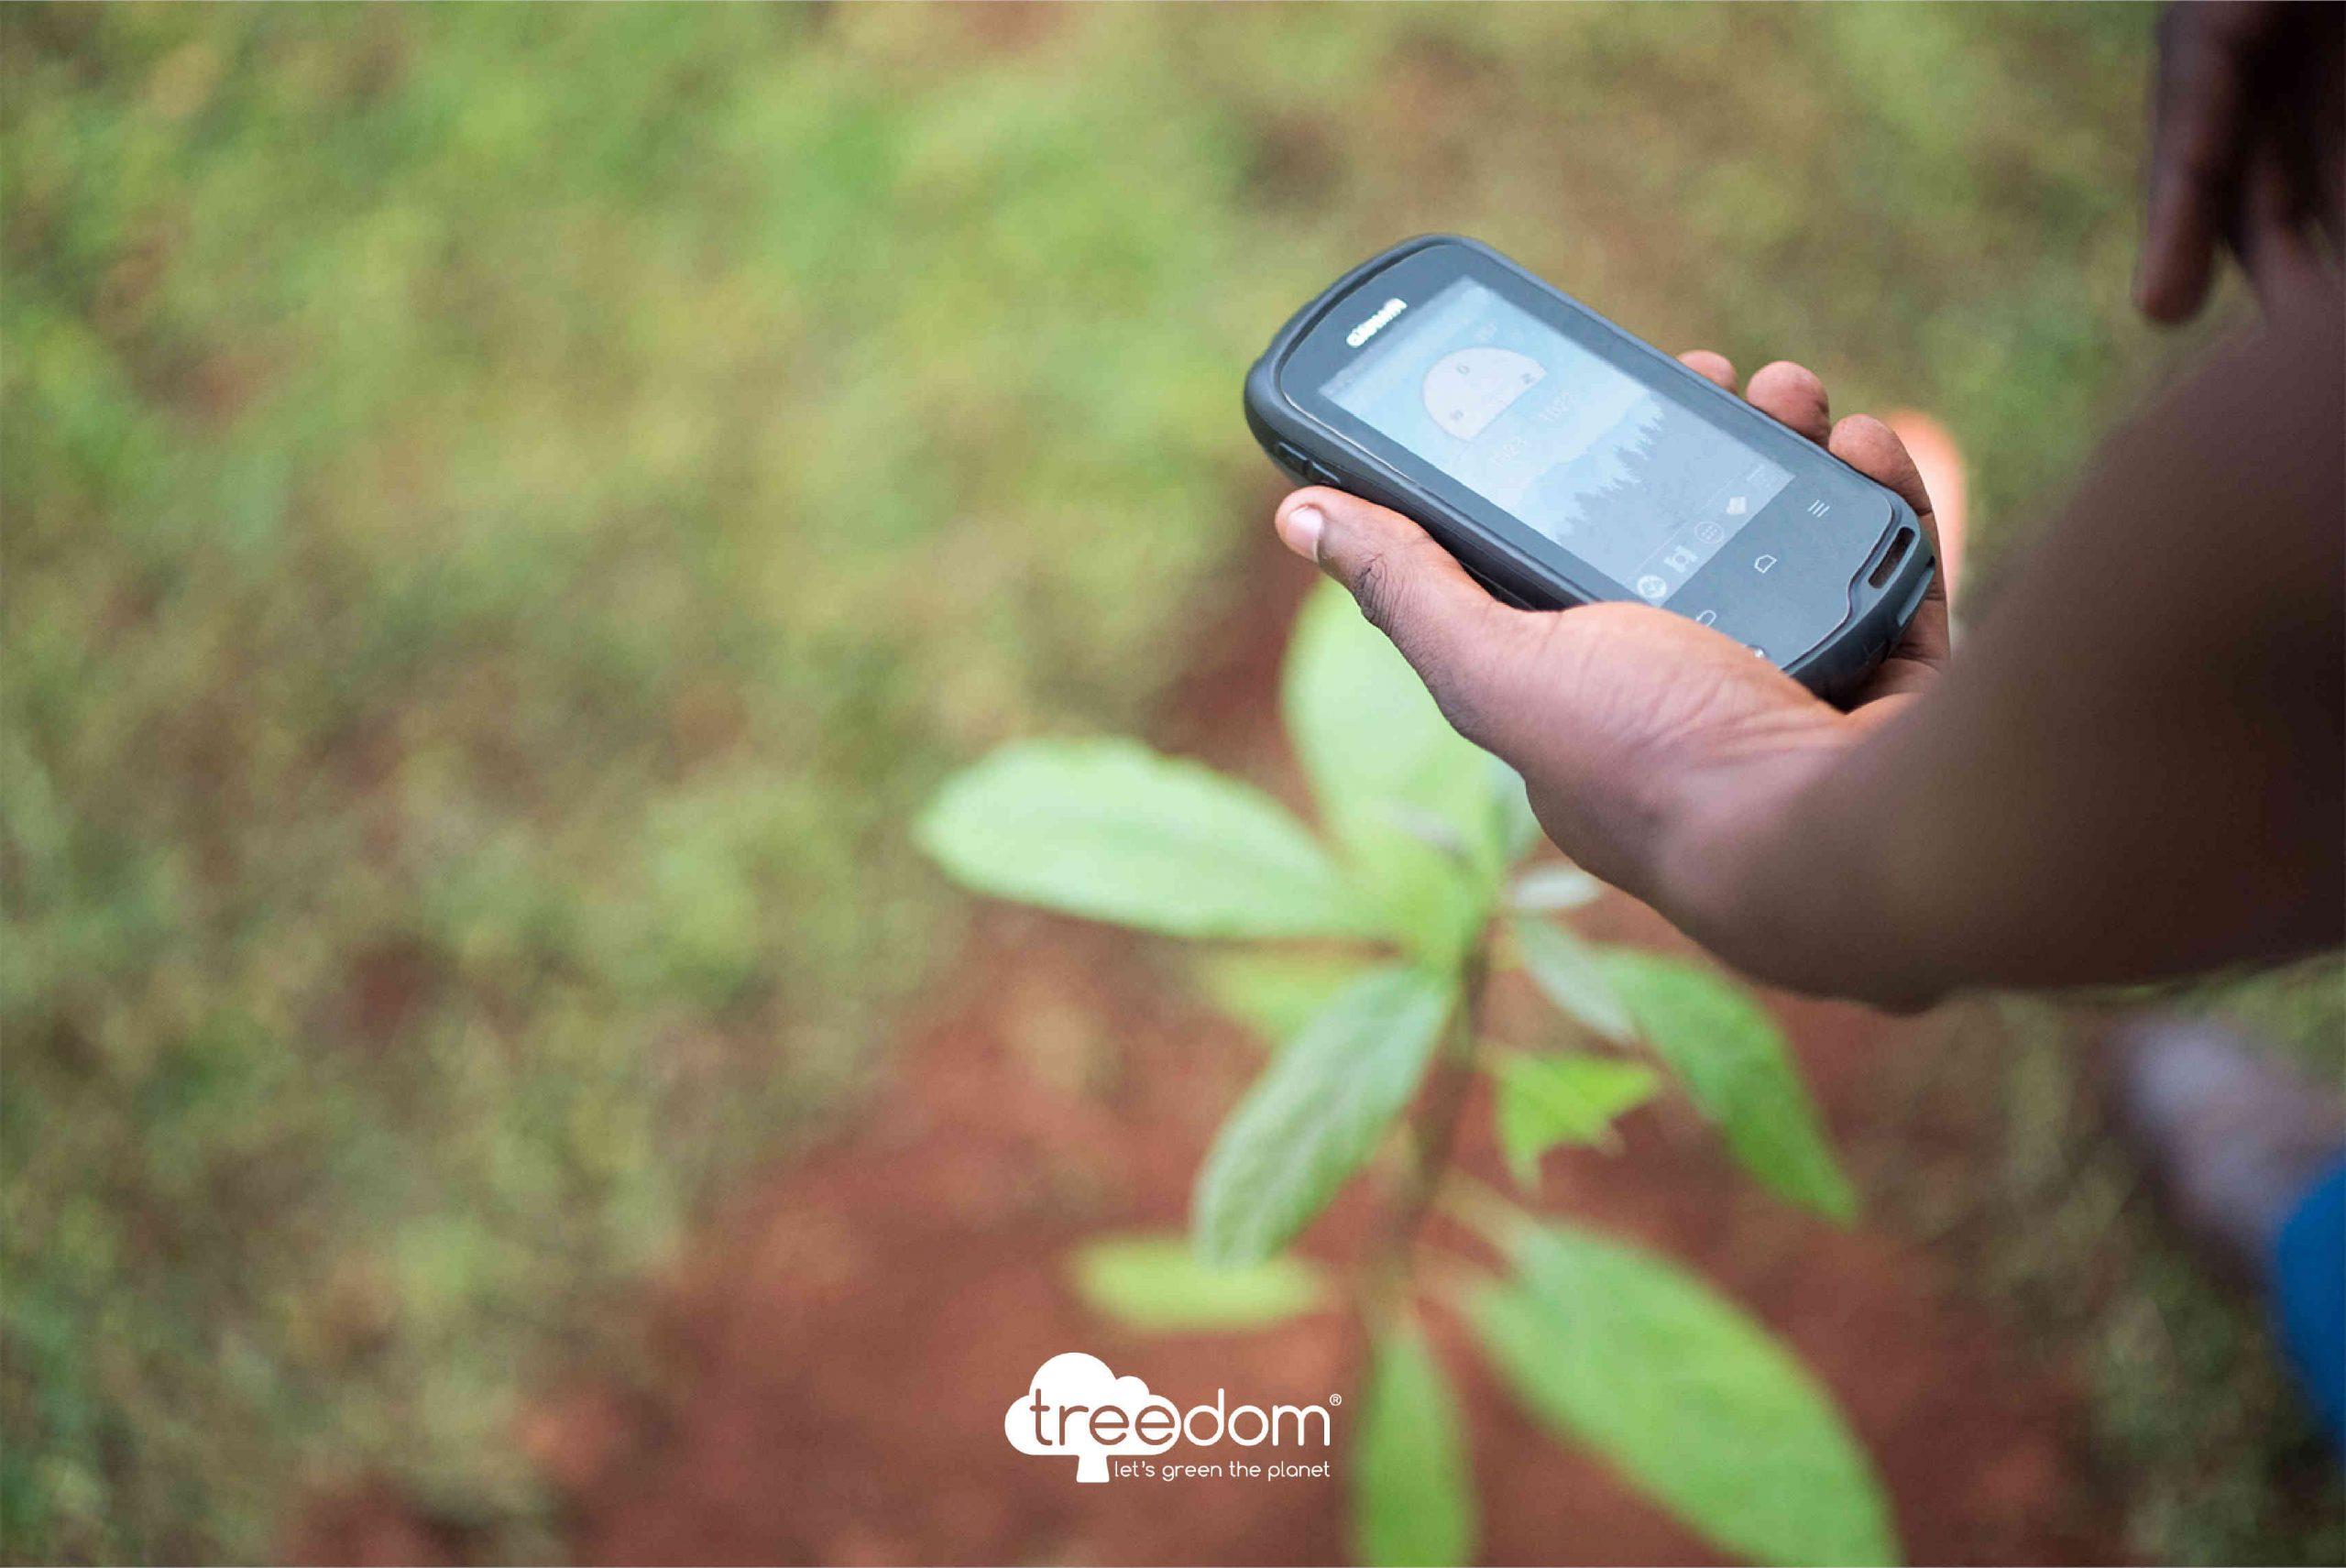 Baumpflanzen per App